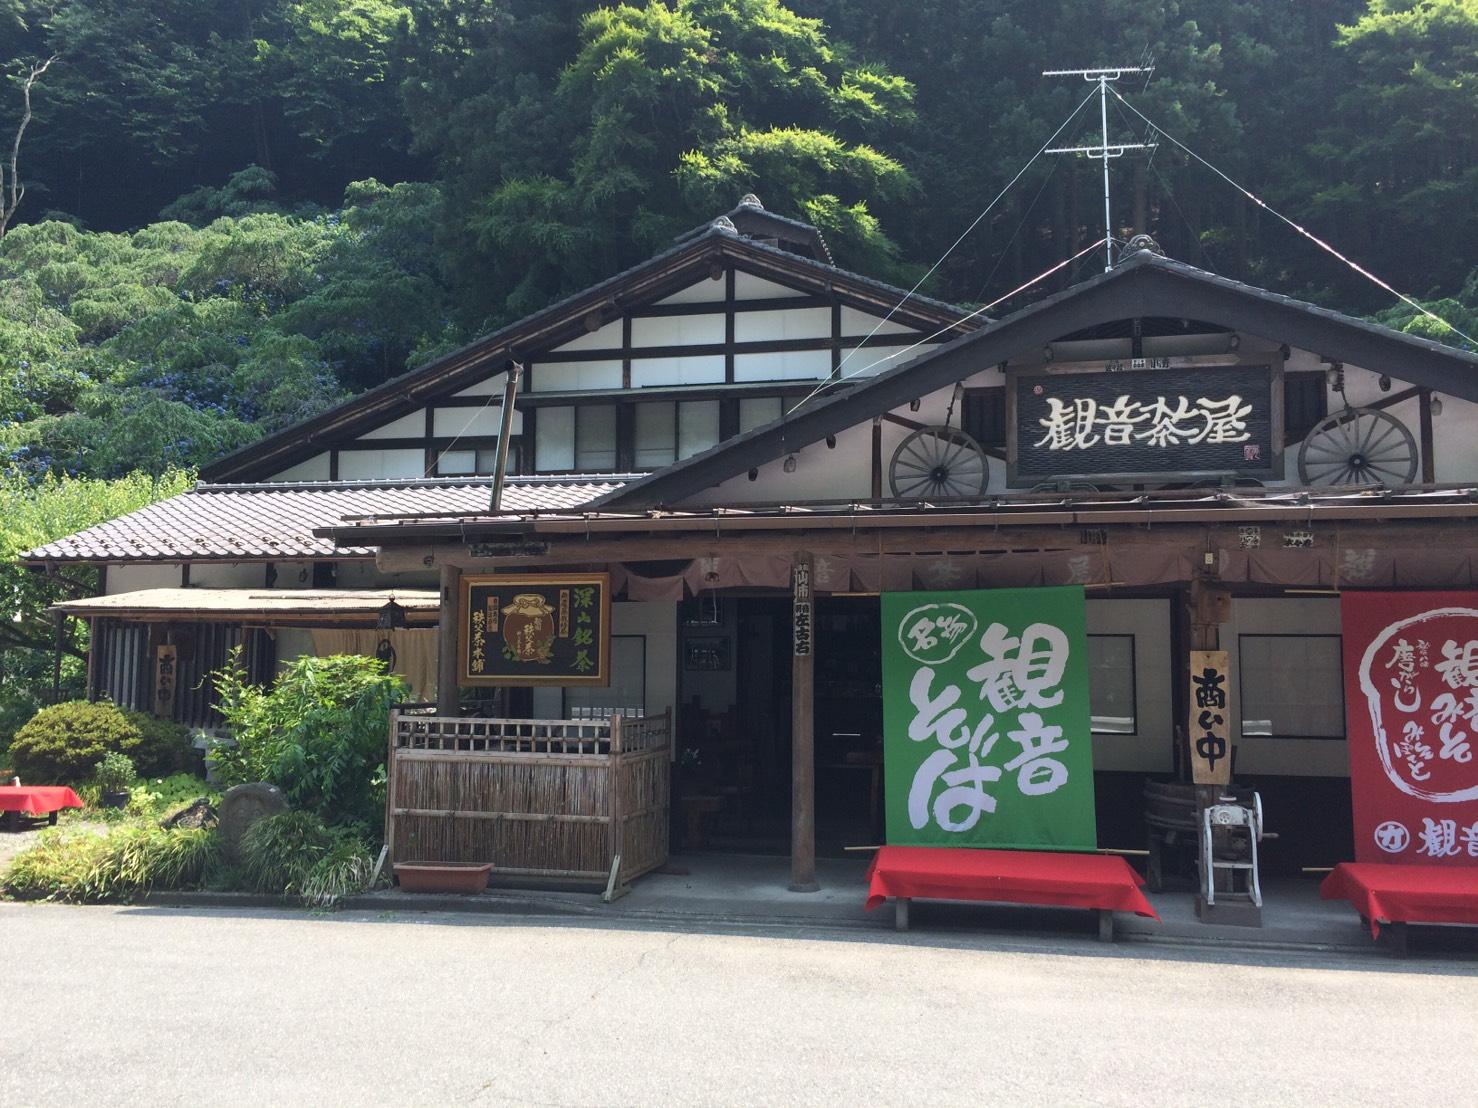 小鹿野町 観音茶屋 うどん そば かき氷